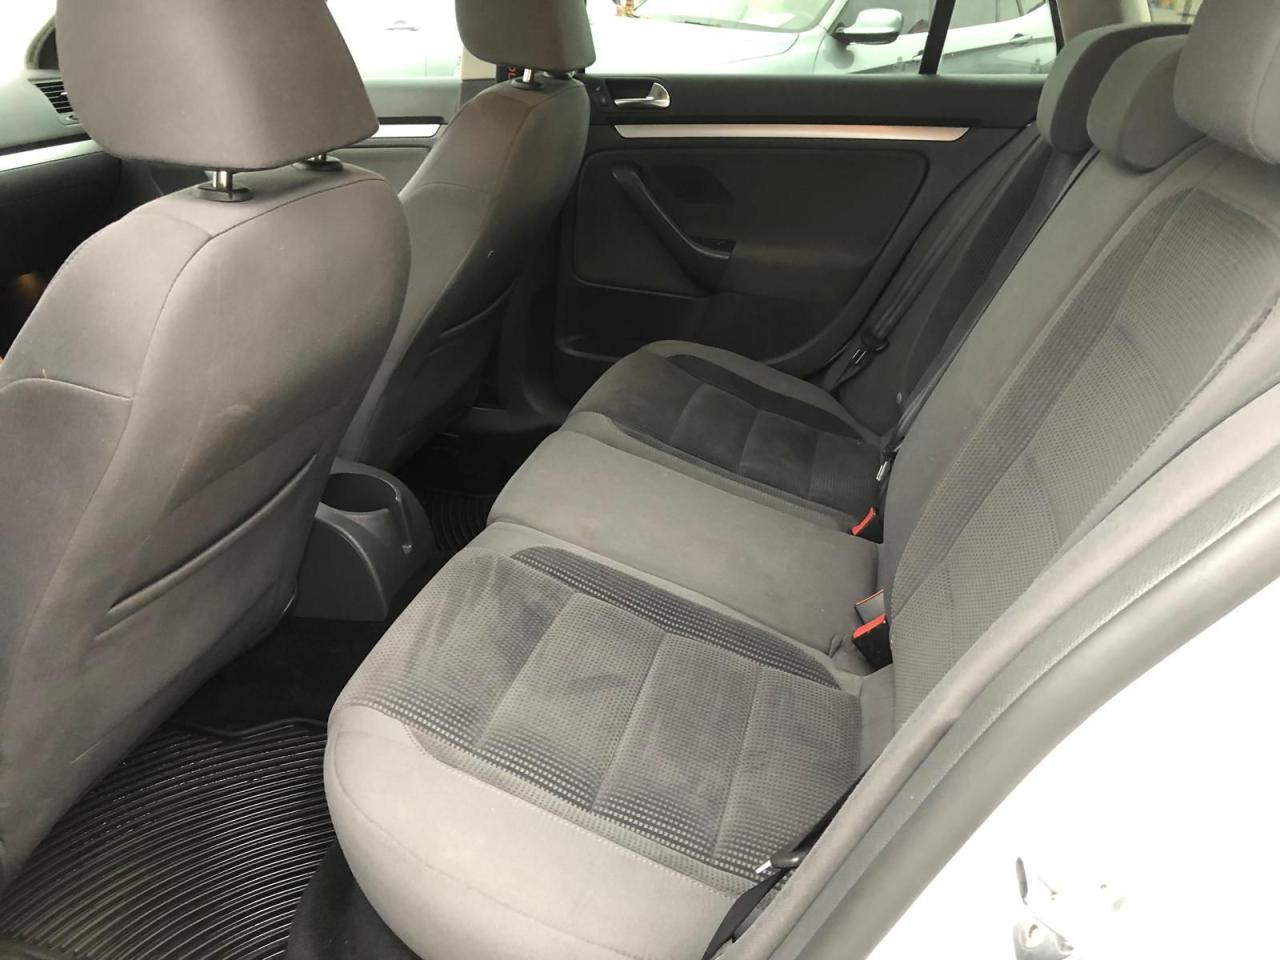 2009 Volkswagen Jetta Wagon